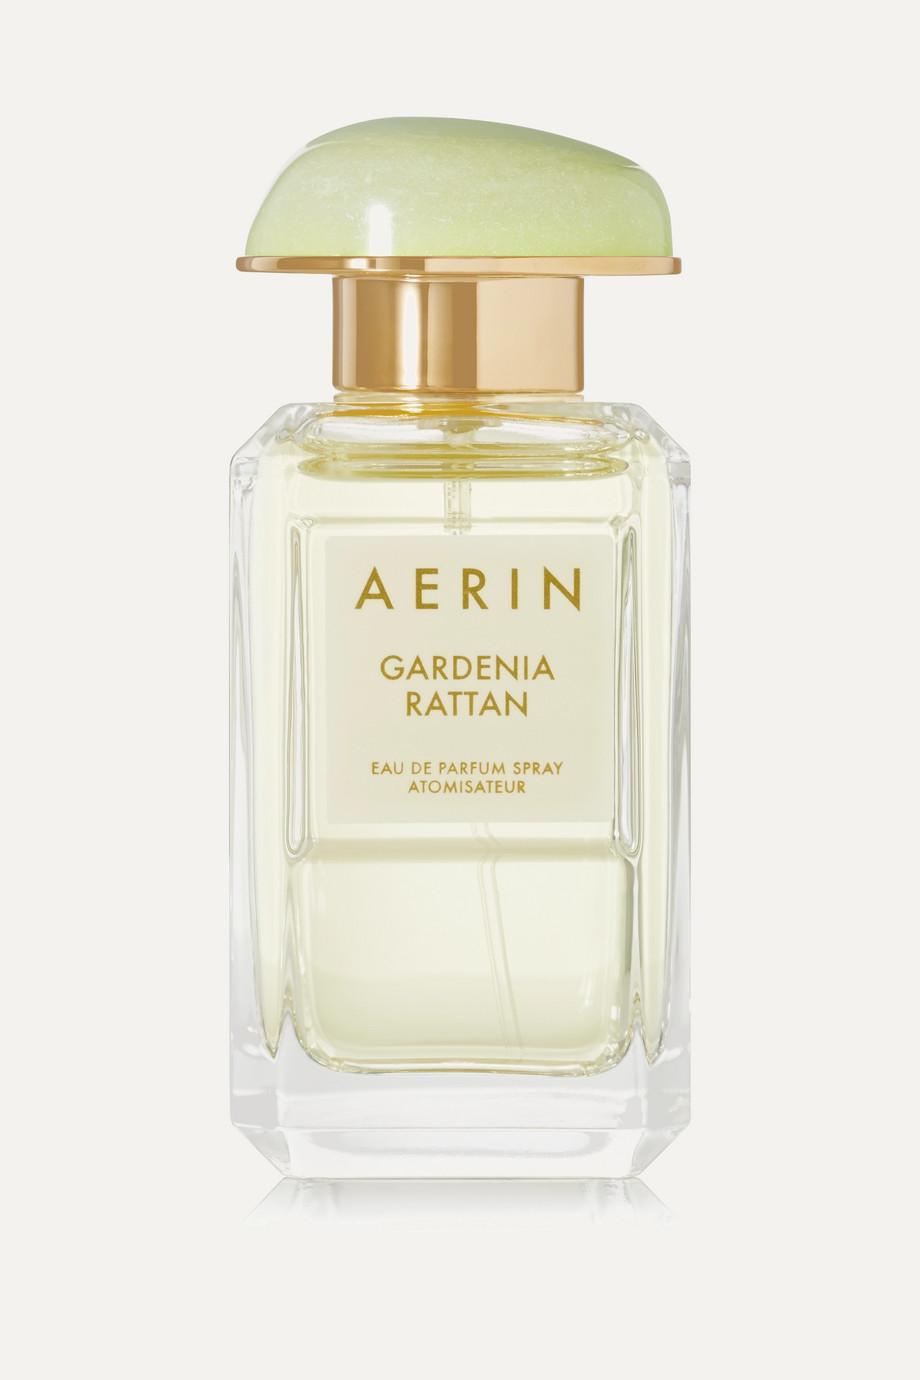 AERIN Beauty Gardenia Rattan Eau de Parfum, 50ml